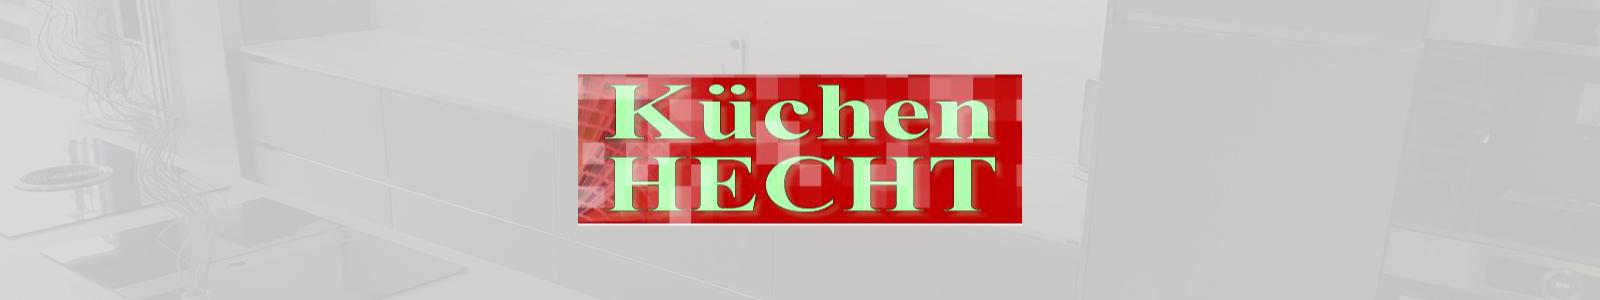 Küchen Hecht Bad Klosterlausnitz kuechenguide.com